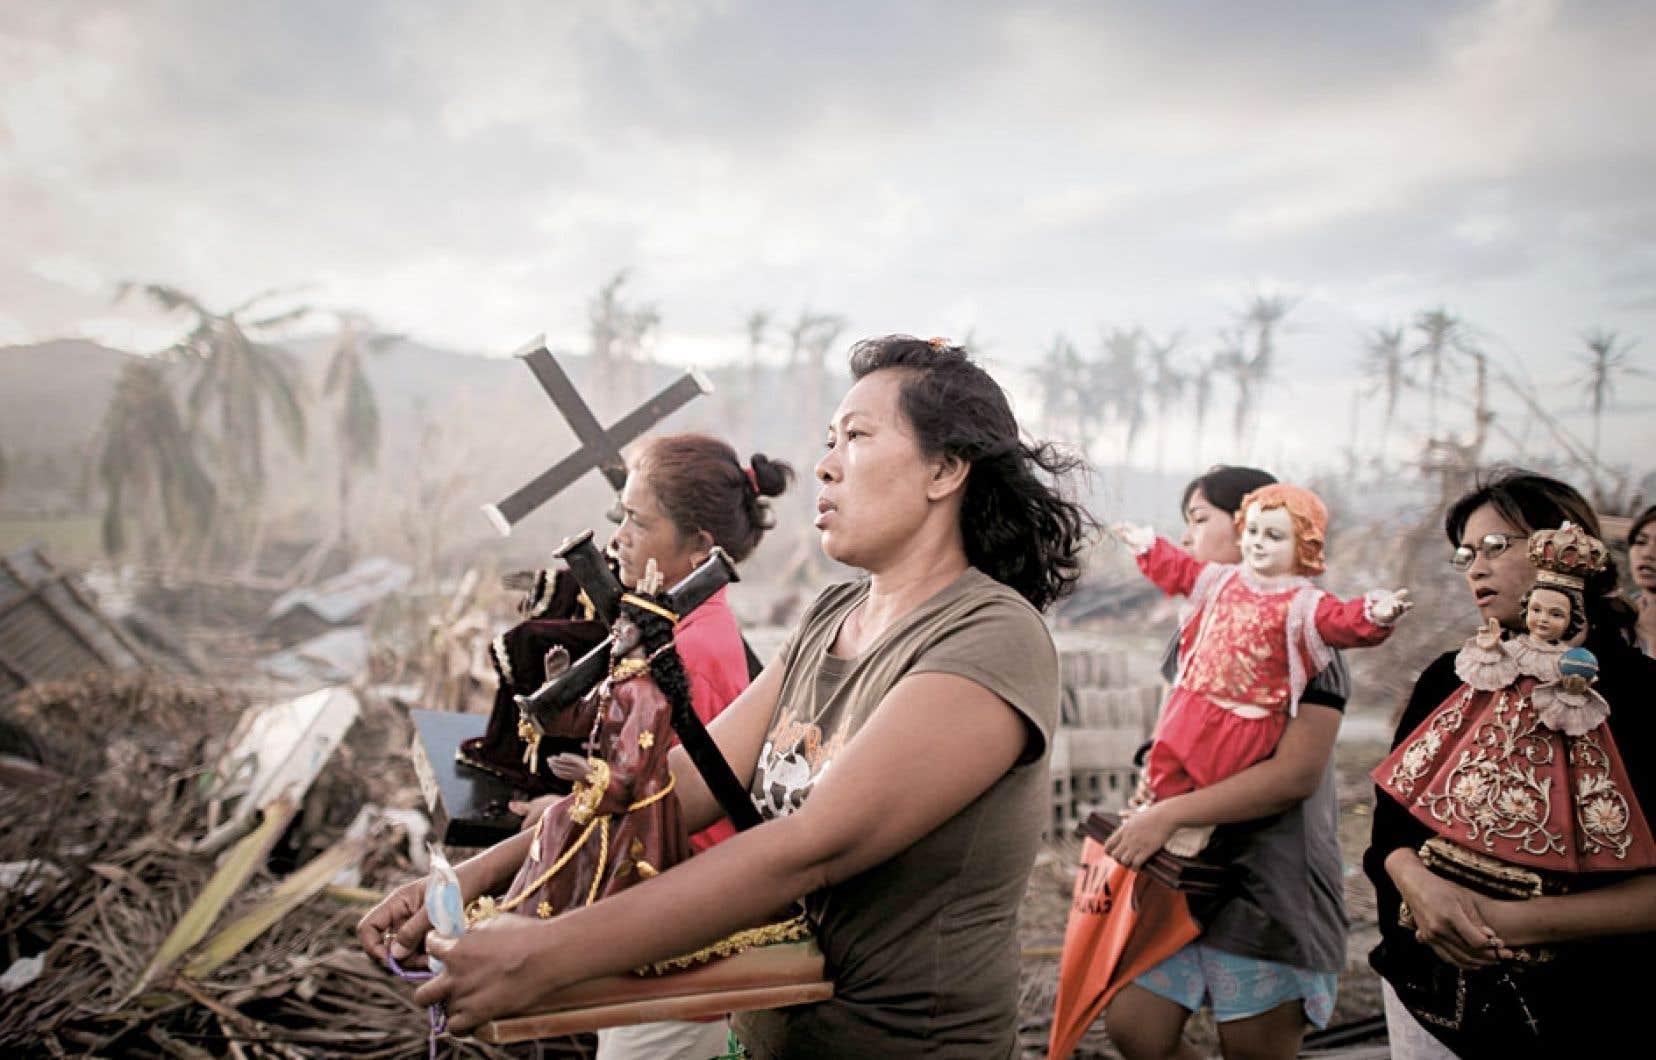 Des survivantes du typhon Haiyan, qui a dévasté les Philippines, marchent à l'occasion d'une cérémonie à la mémoire des 7000 victimes.